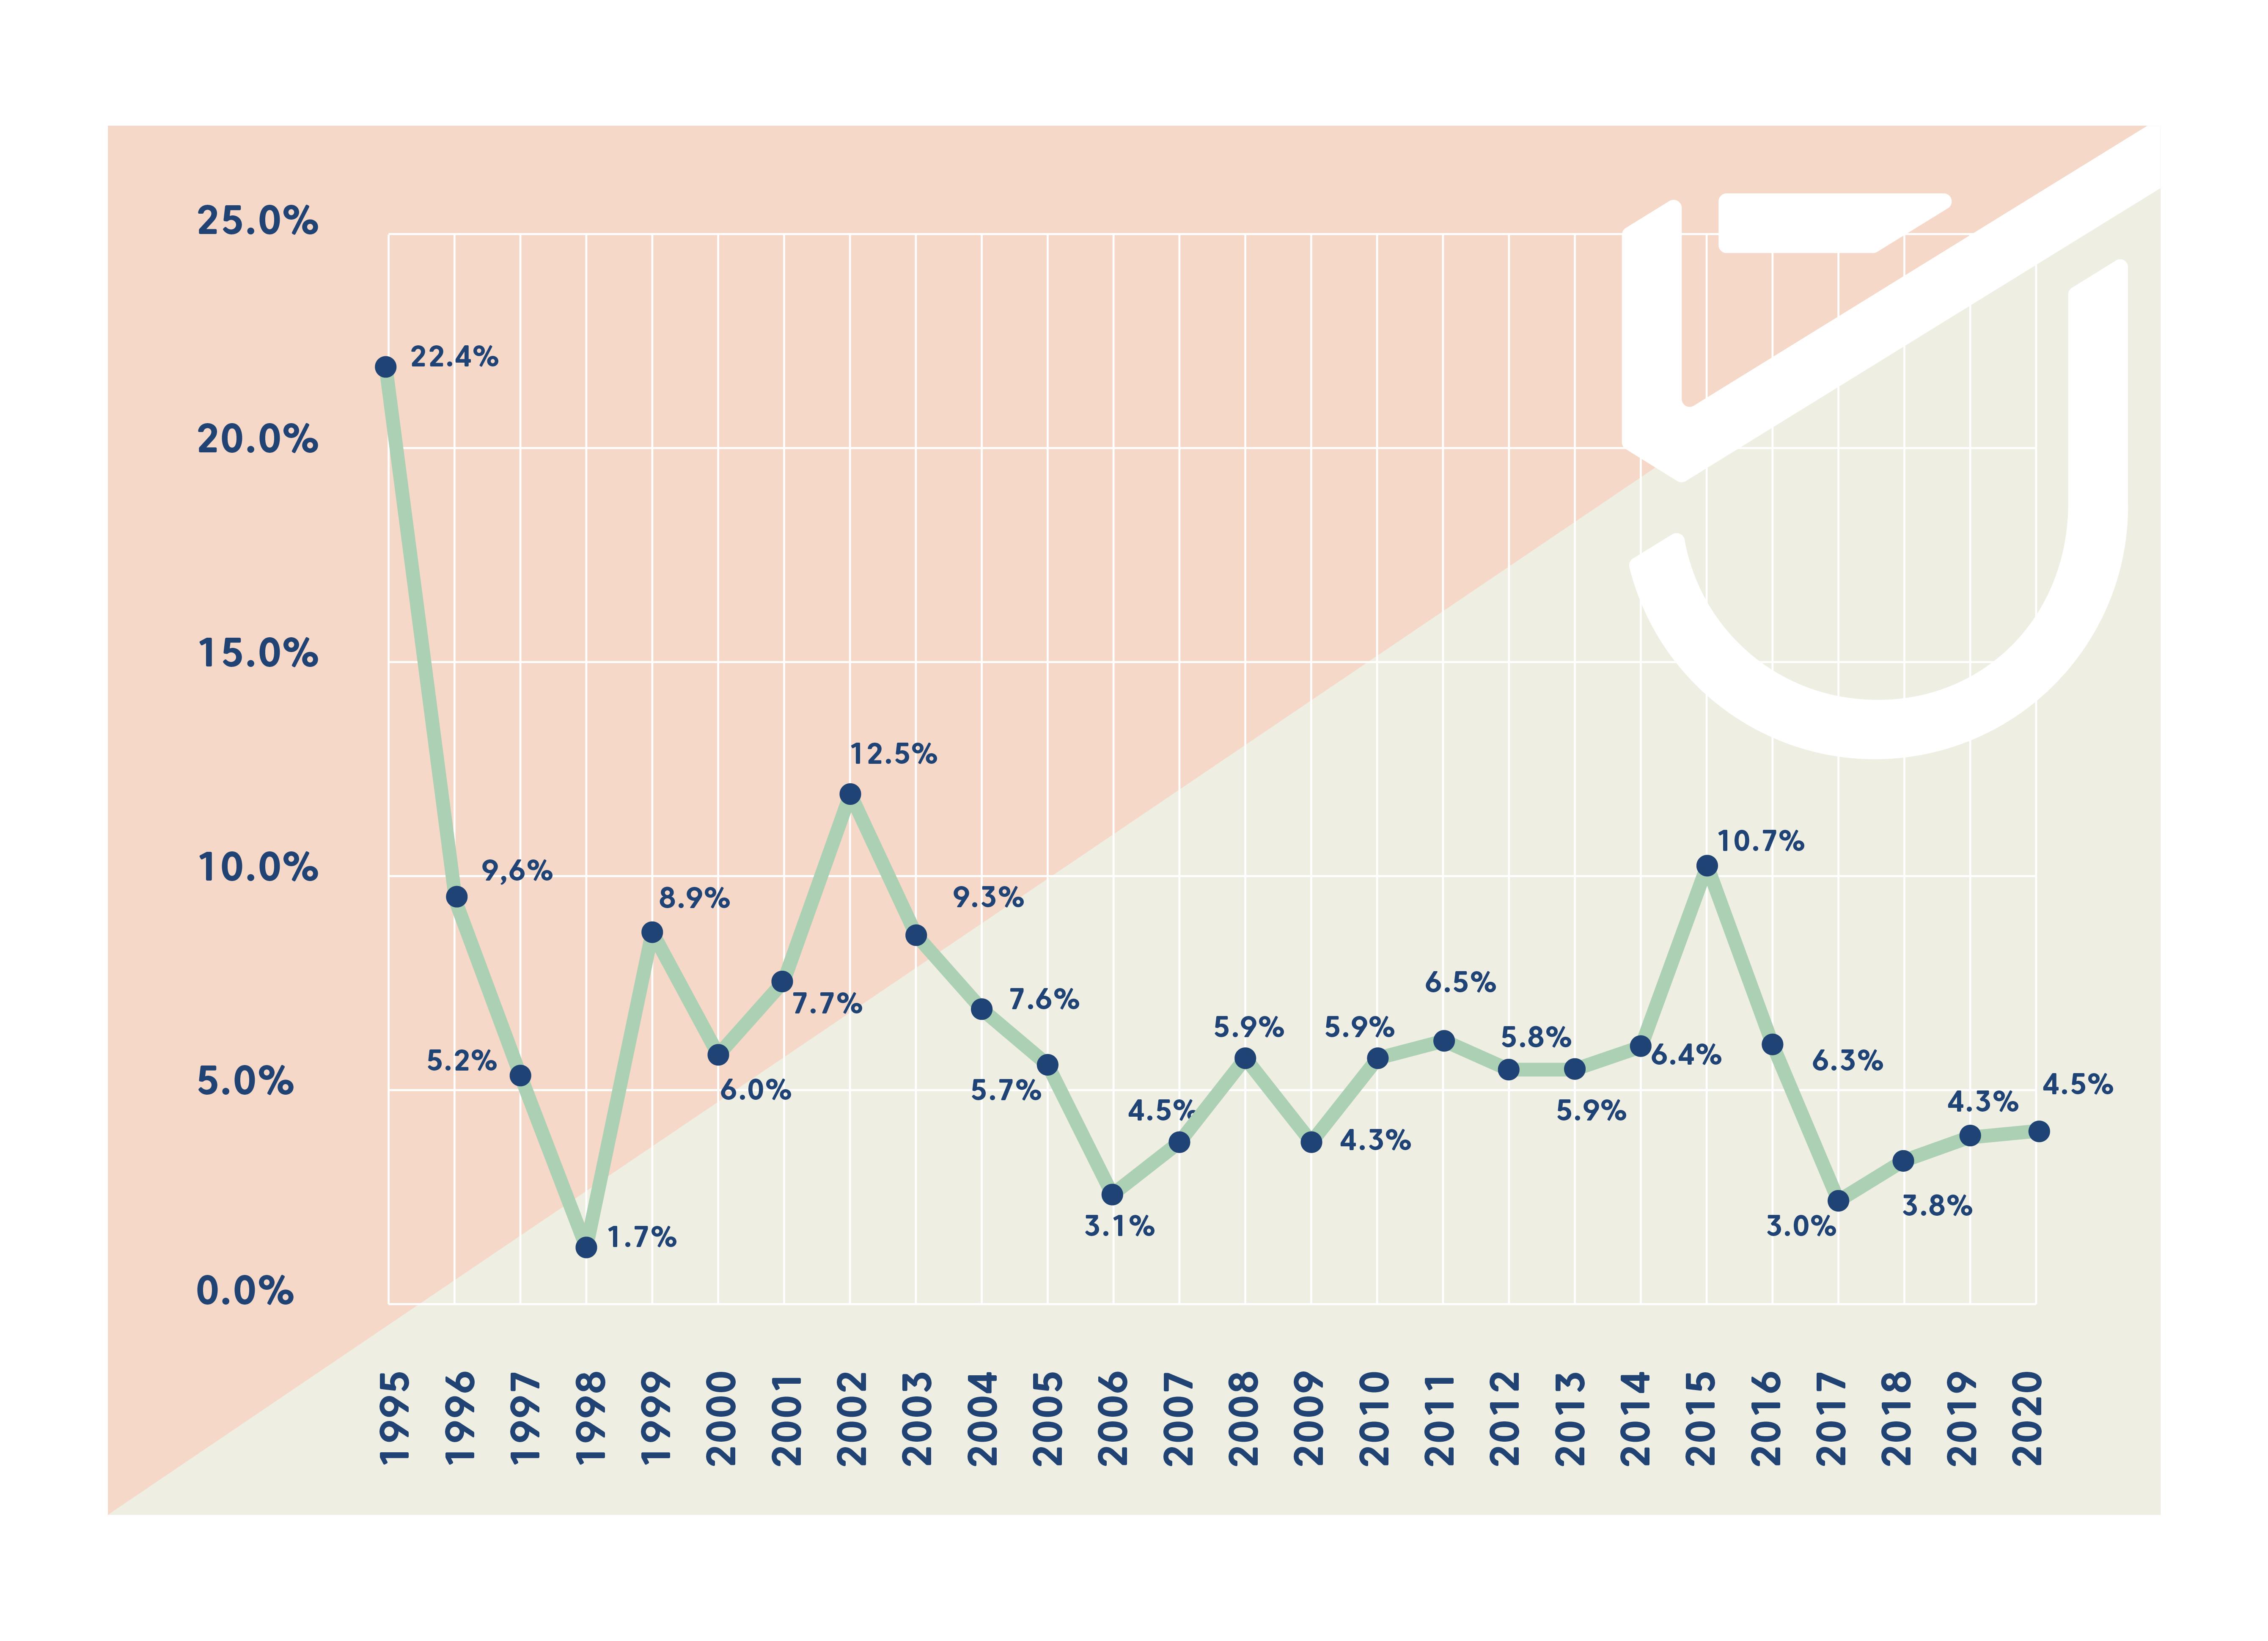 a inflação no brasil entre 1995 a 2020